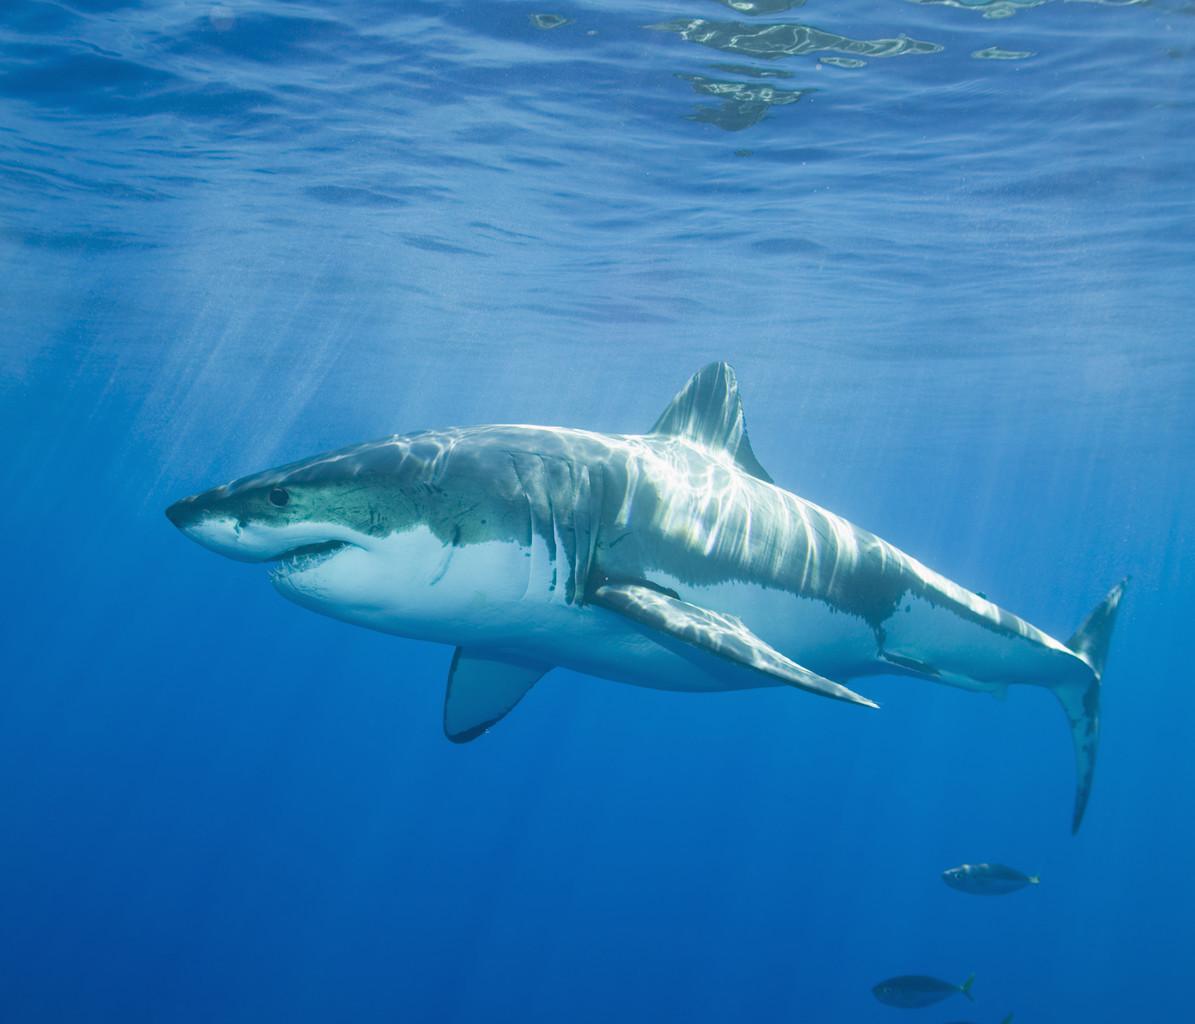 【图文】史上最伟大の海猛家族——鲨鱼图片